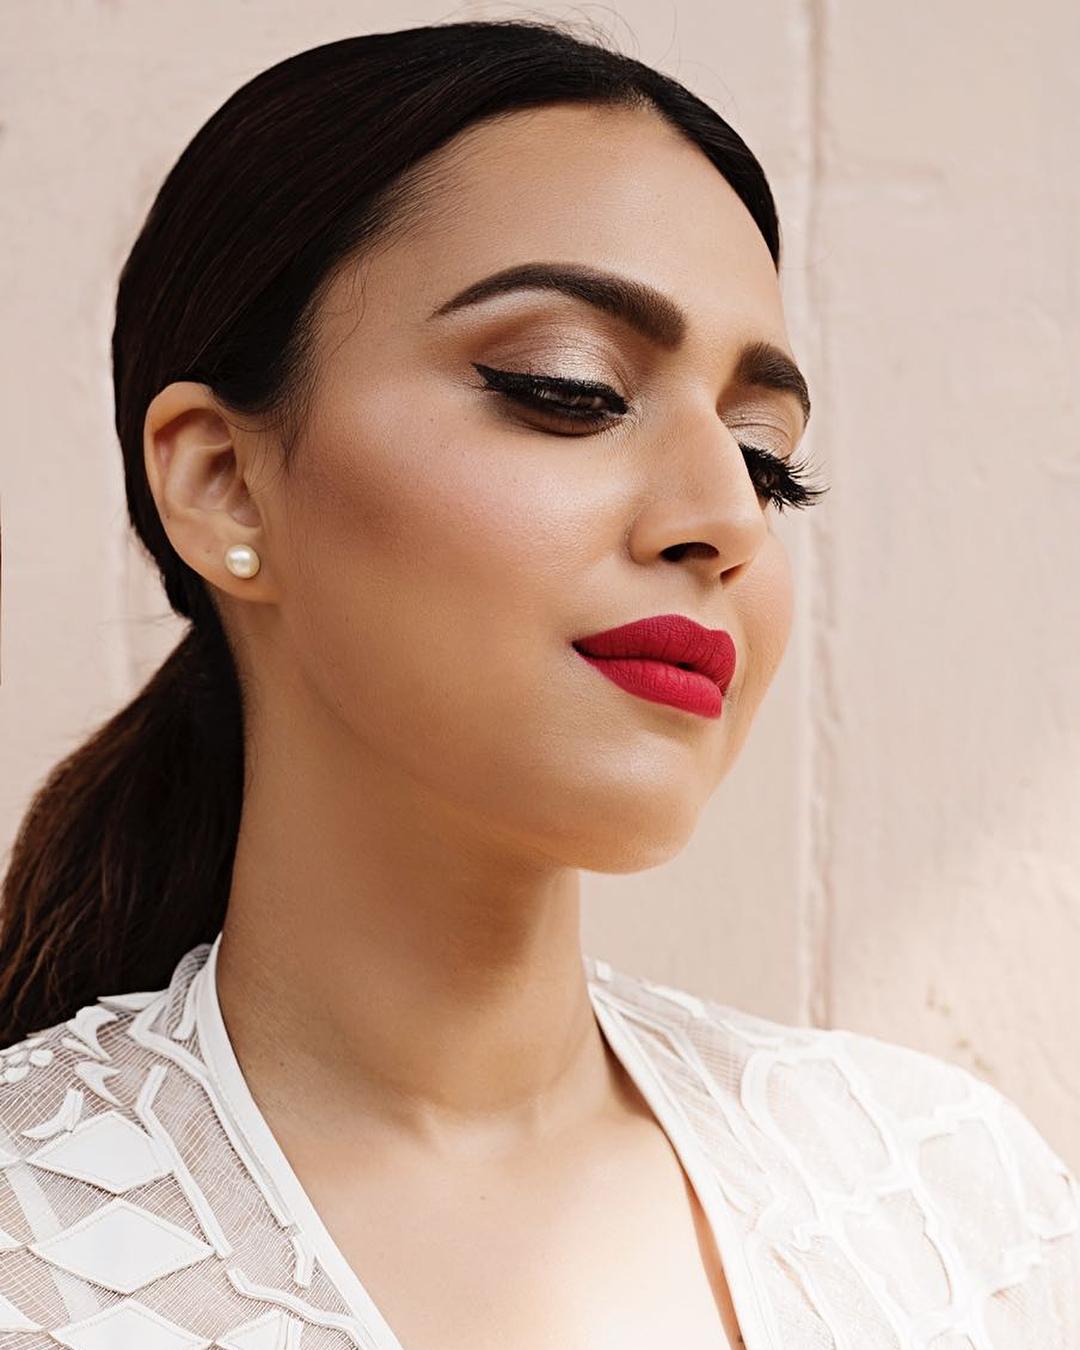 స్వర భాస్కర్ ఫోటోస్ Instagram.com/reallyswara